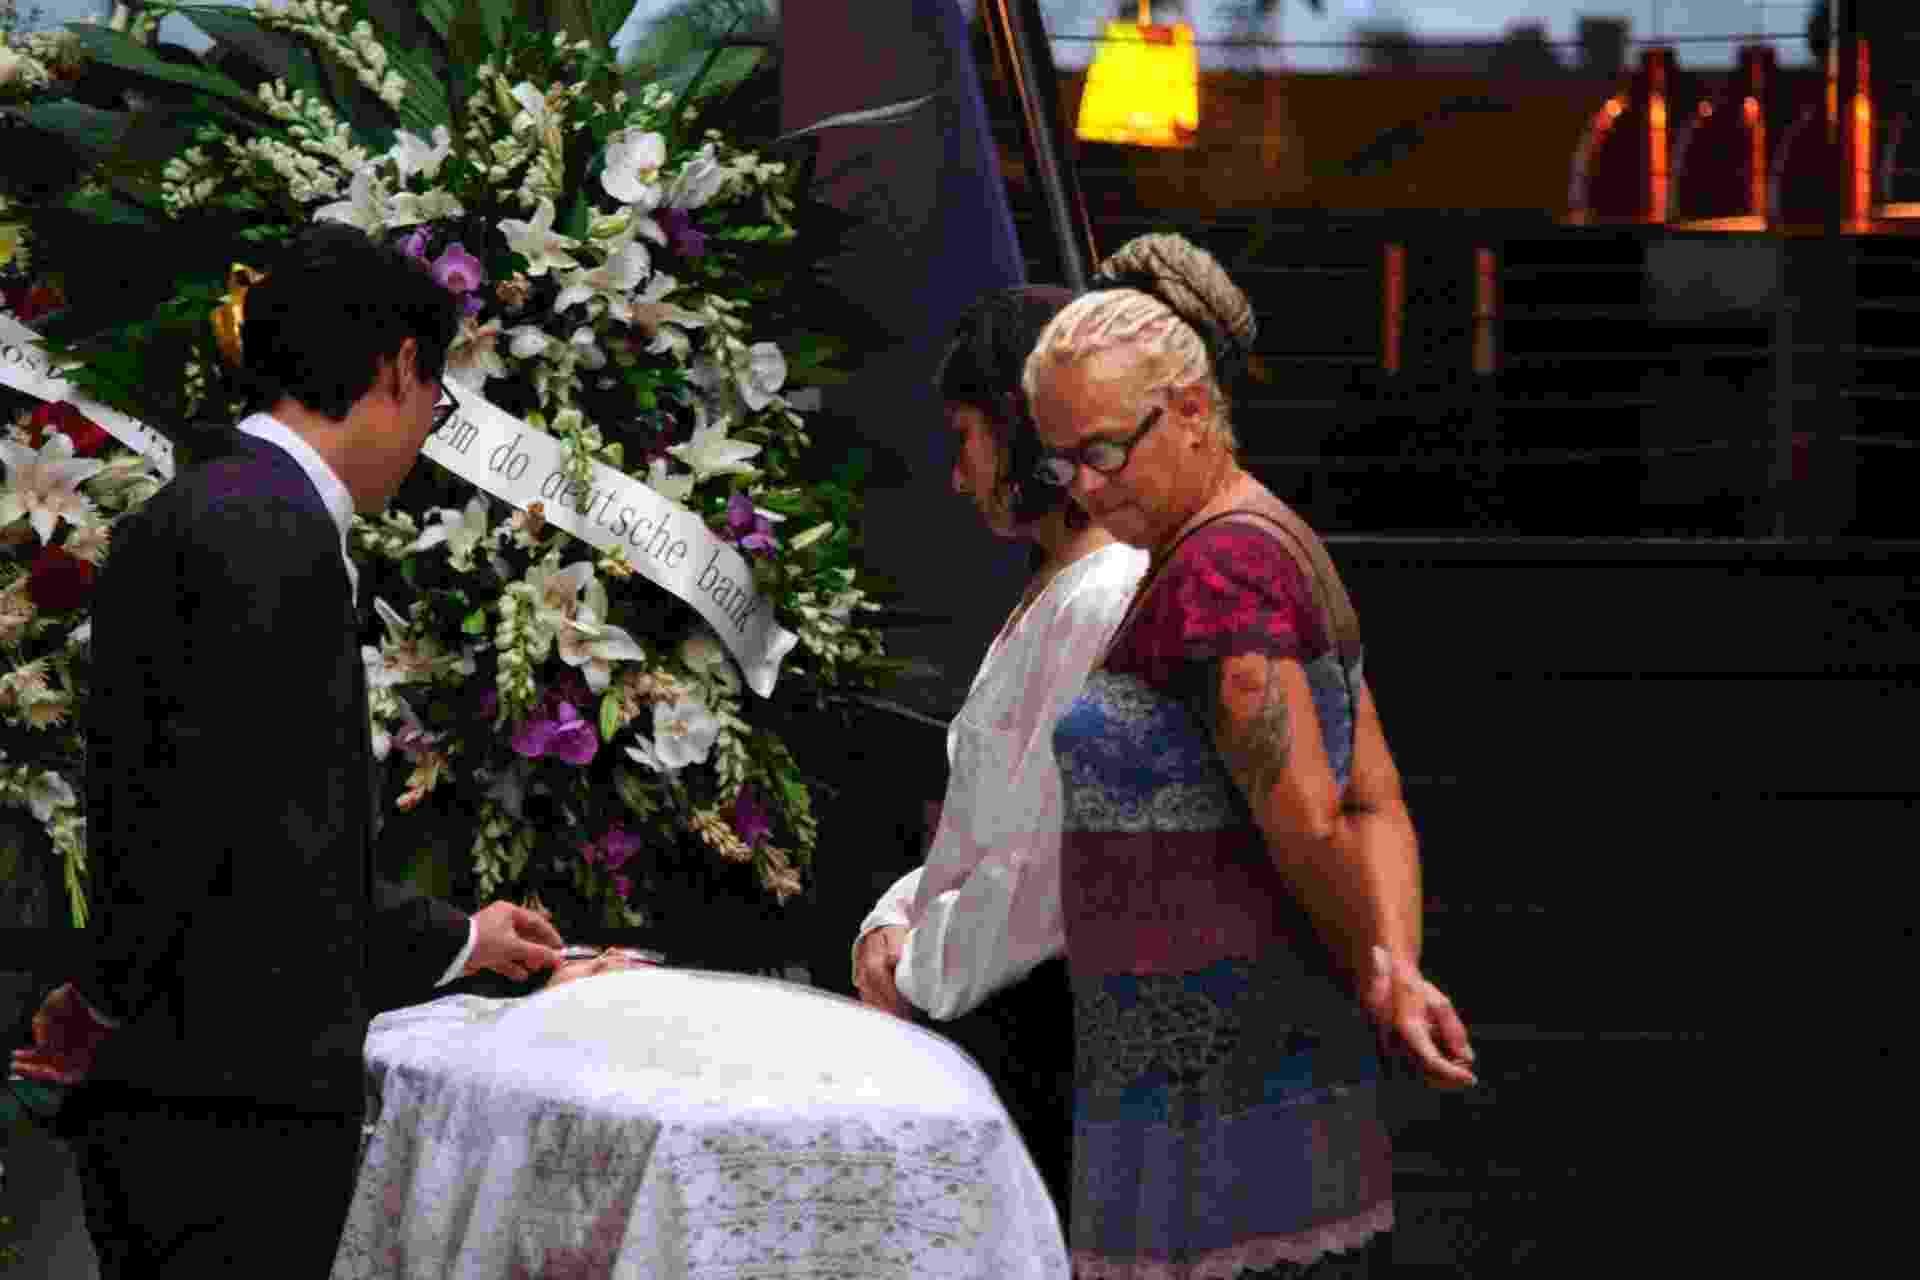 13.fev.2015 - Rodrigo Ohtake, neto de Tomie, no velório da avó. A artista faleceu nesta quinta-feira (12) em decorrência de uma parada cardíaca. A cerimônia acontece no instituto Tomie Ohtake, na zona oeste de São Paulo, e é aberto ao público - Peter Leone/Futura Press/Estadão Conteúdo